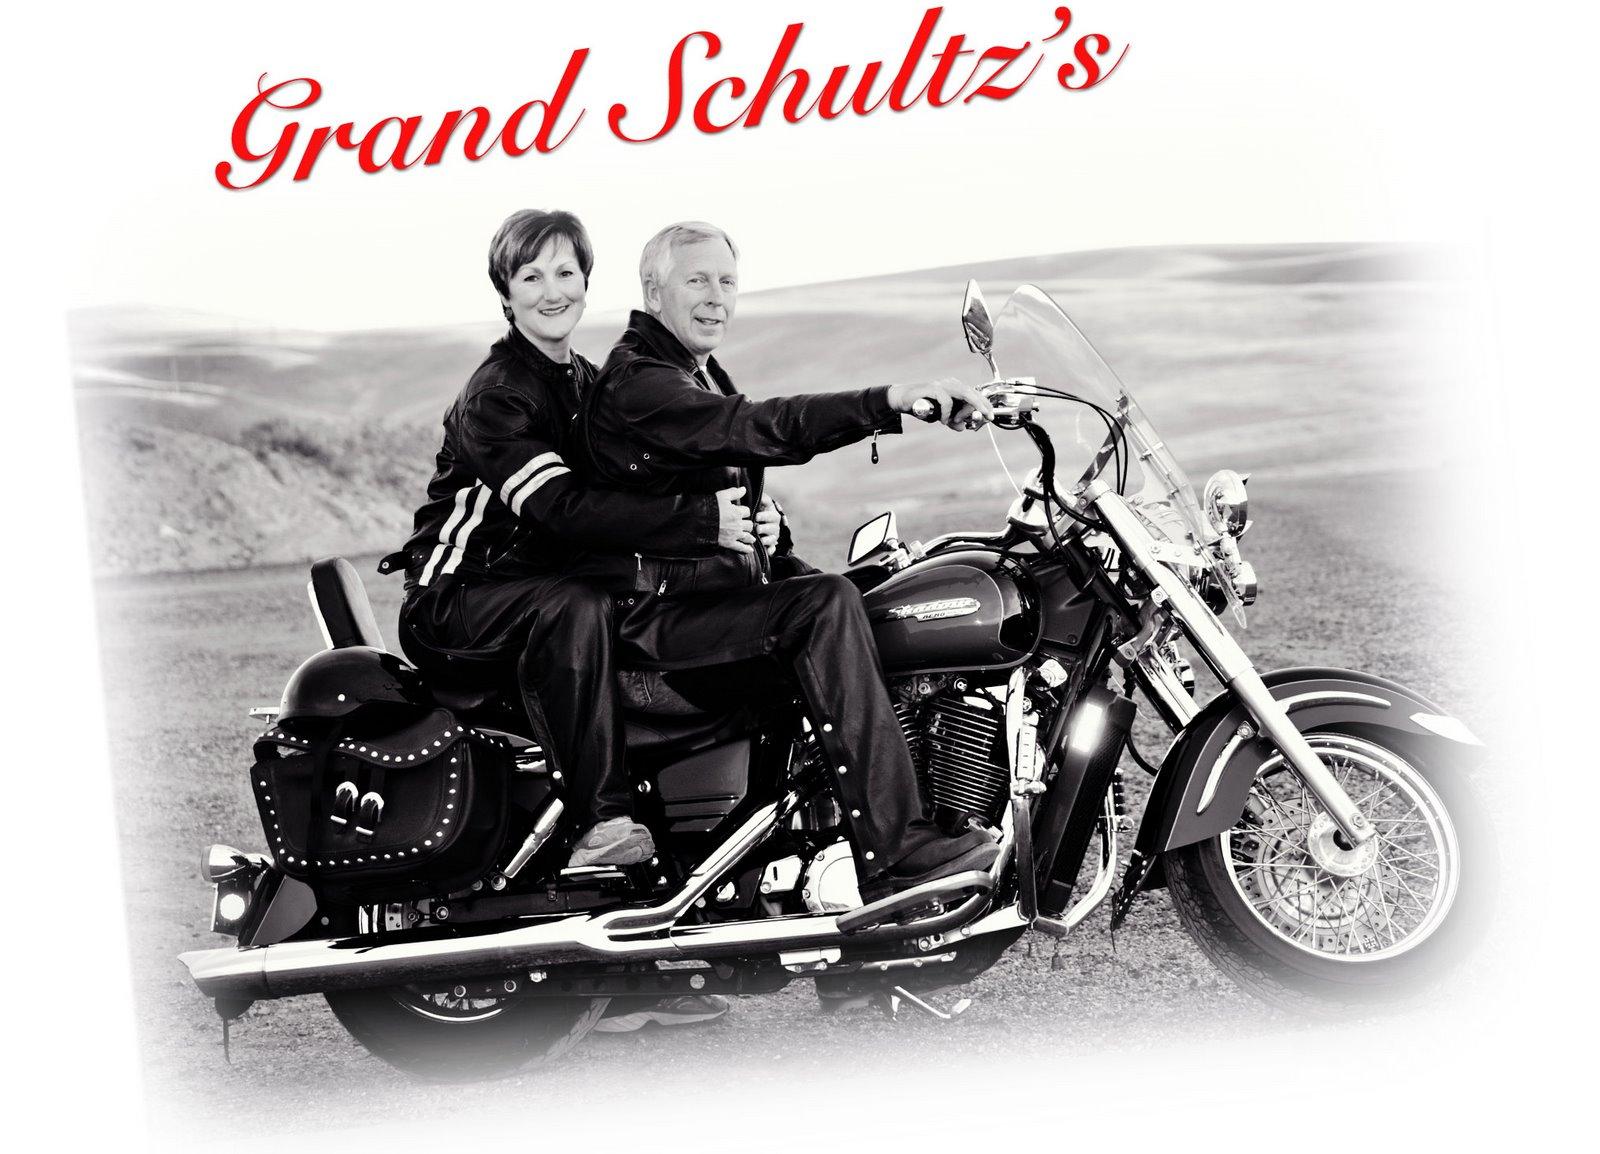 Grandpa and Grandma Schultz